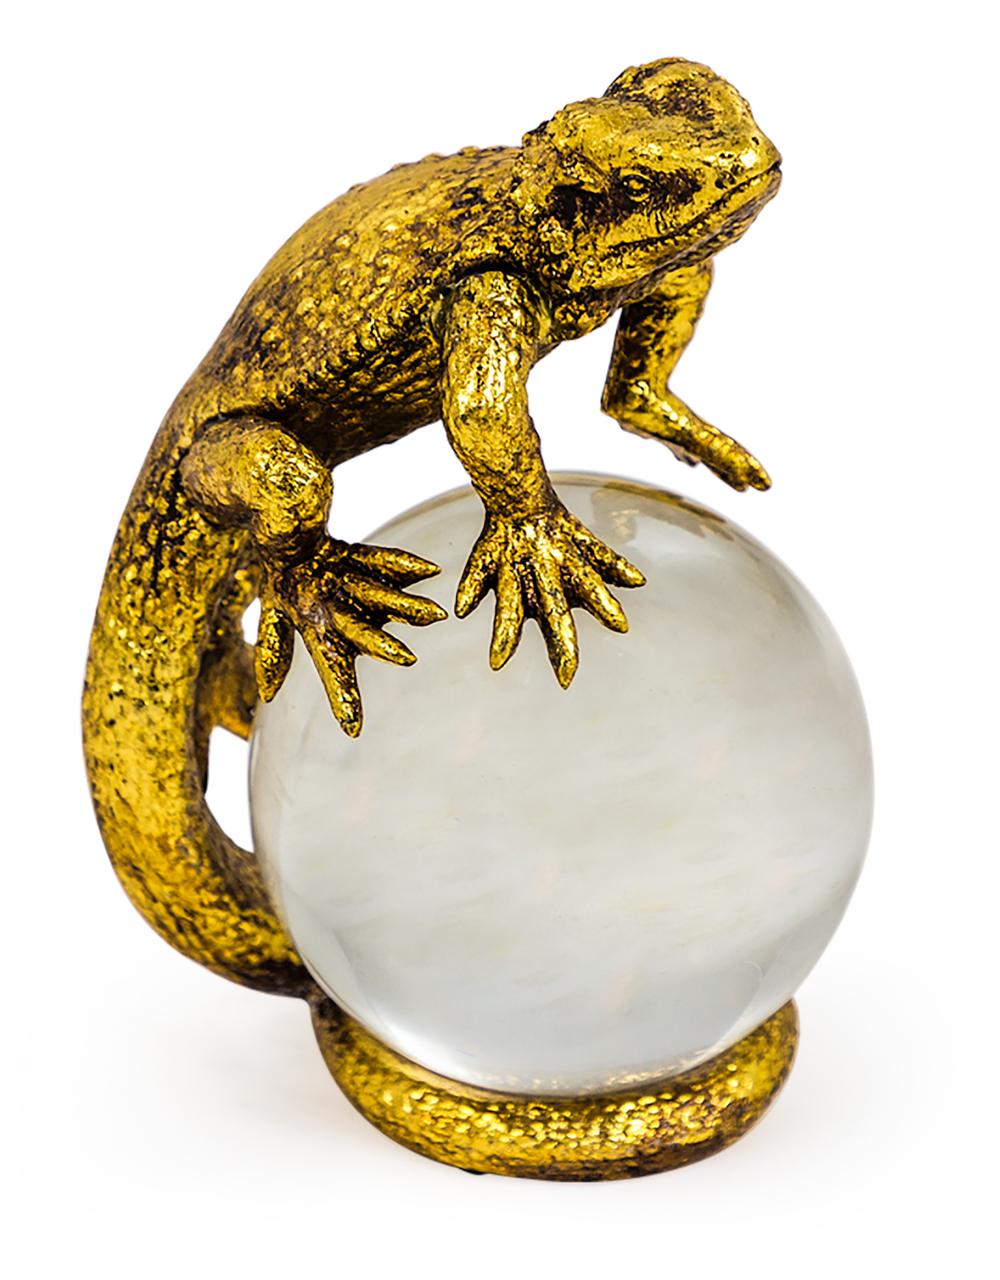 Gold Lizard Crystal Ball